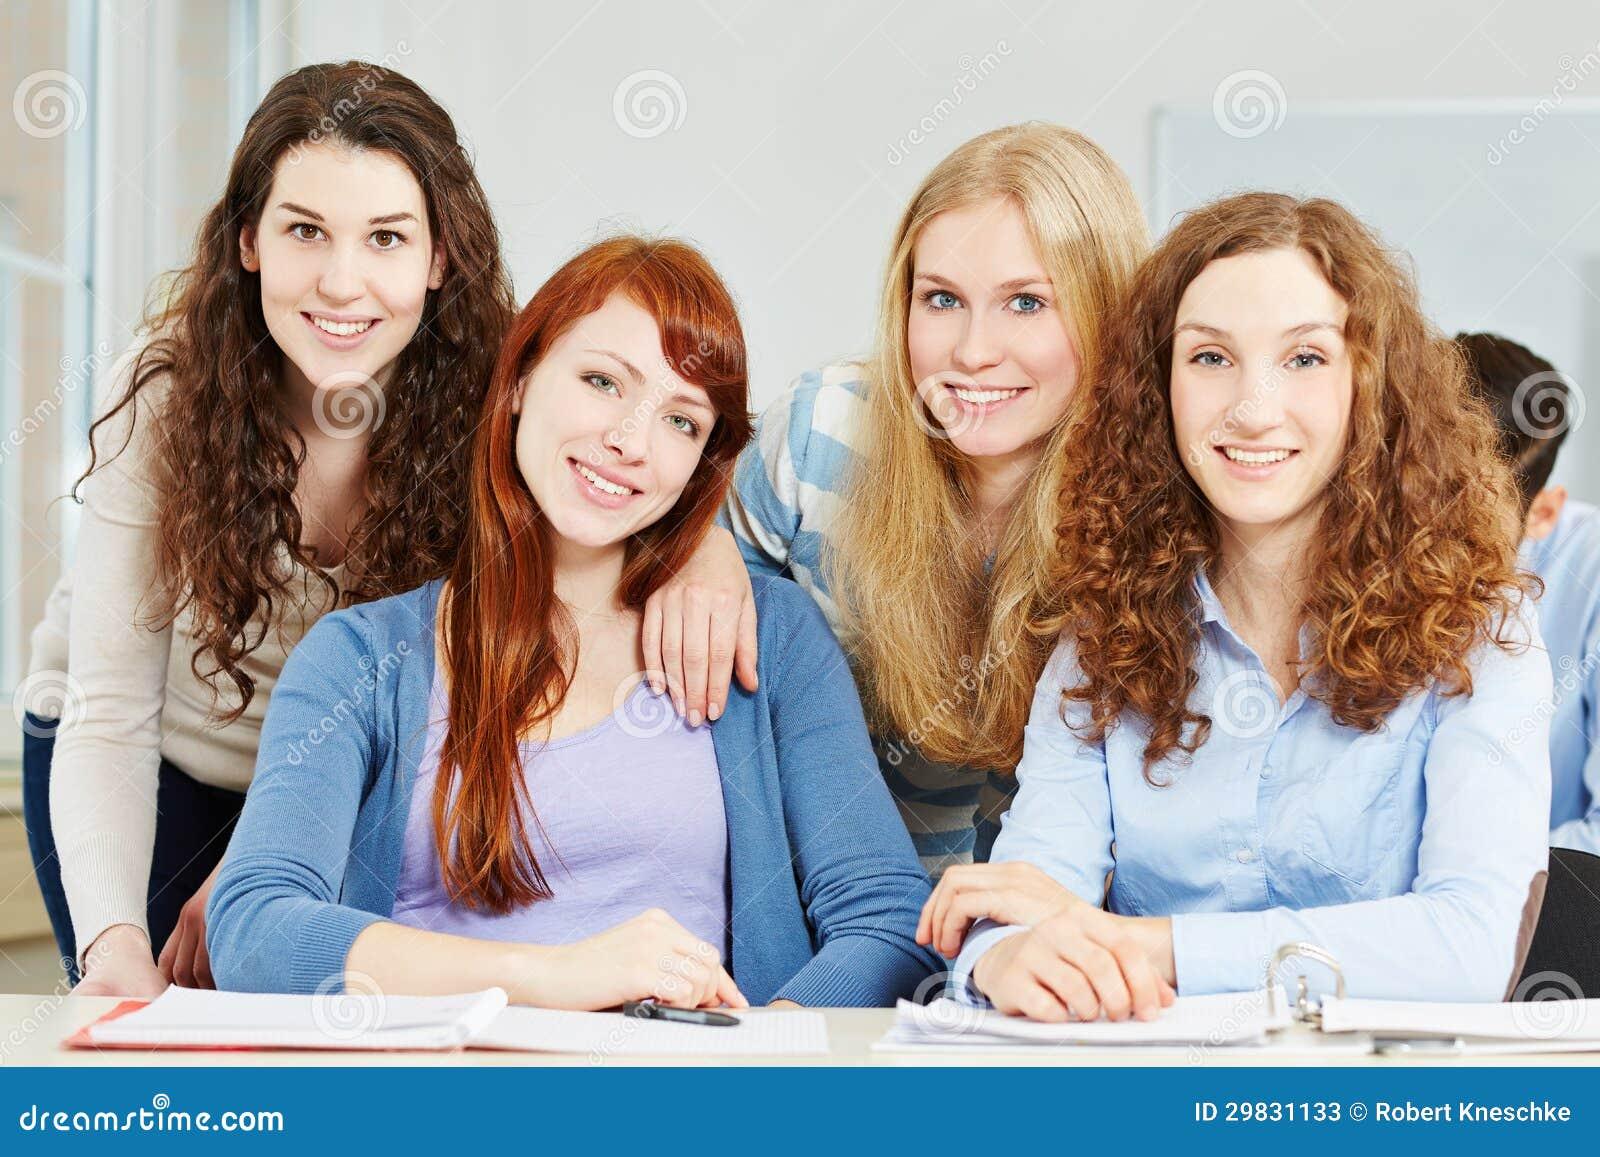 Adolescente de quatro fêmeas na escola